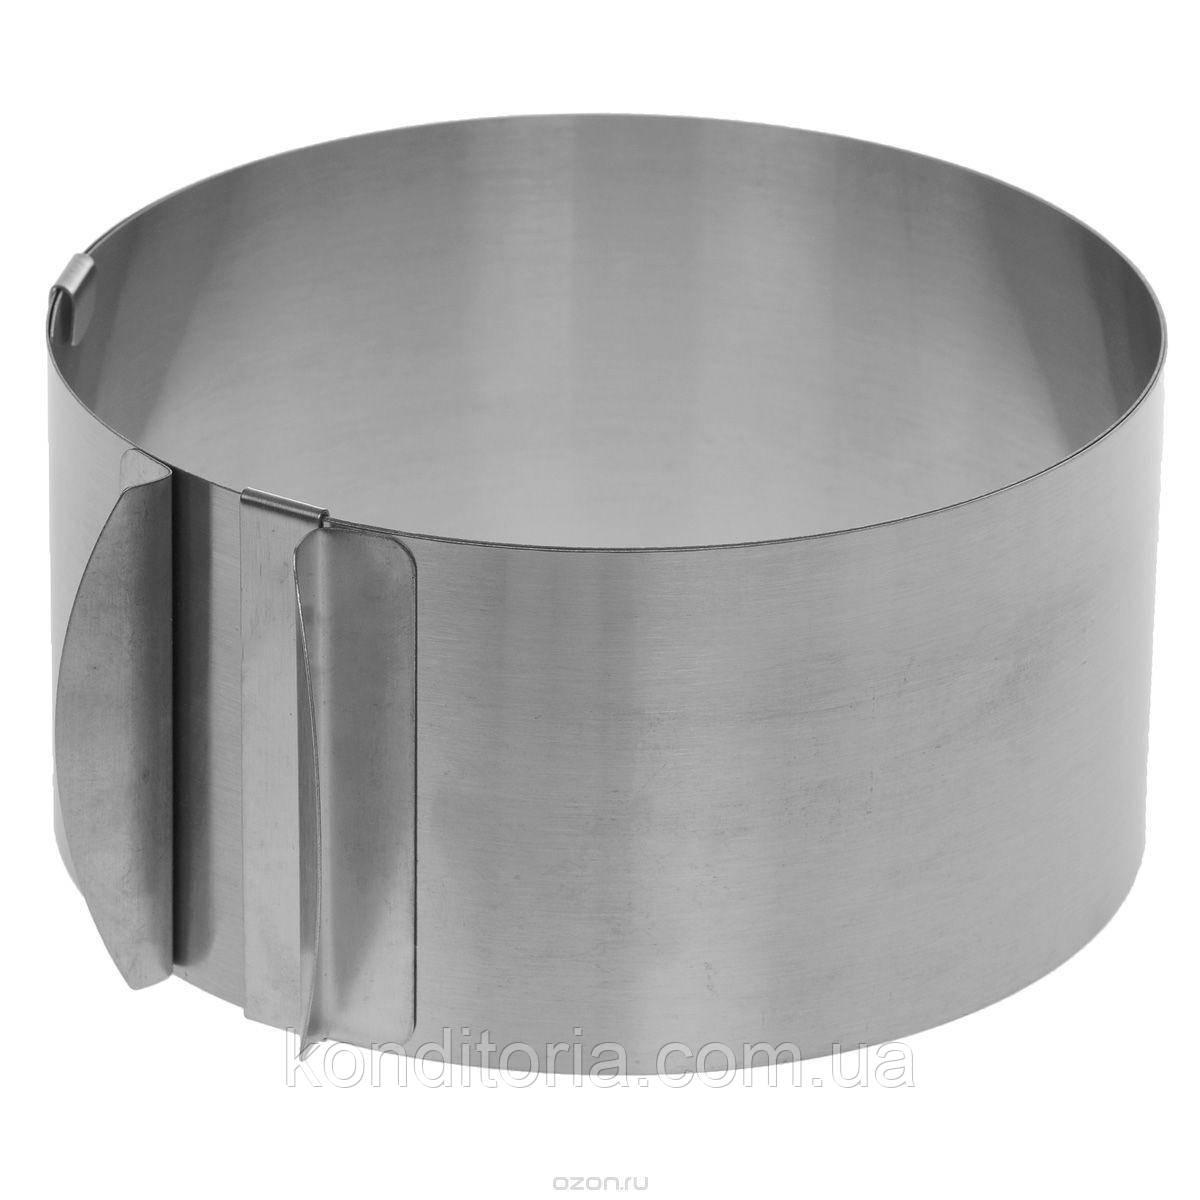 Кондитерское кольцо D=16-30 H=15см